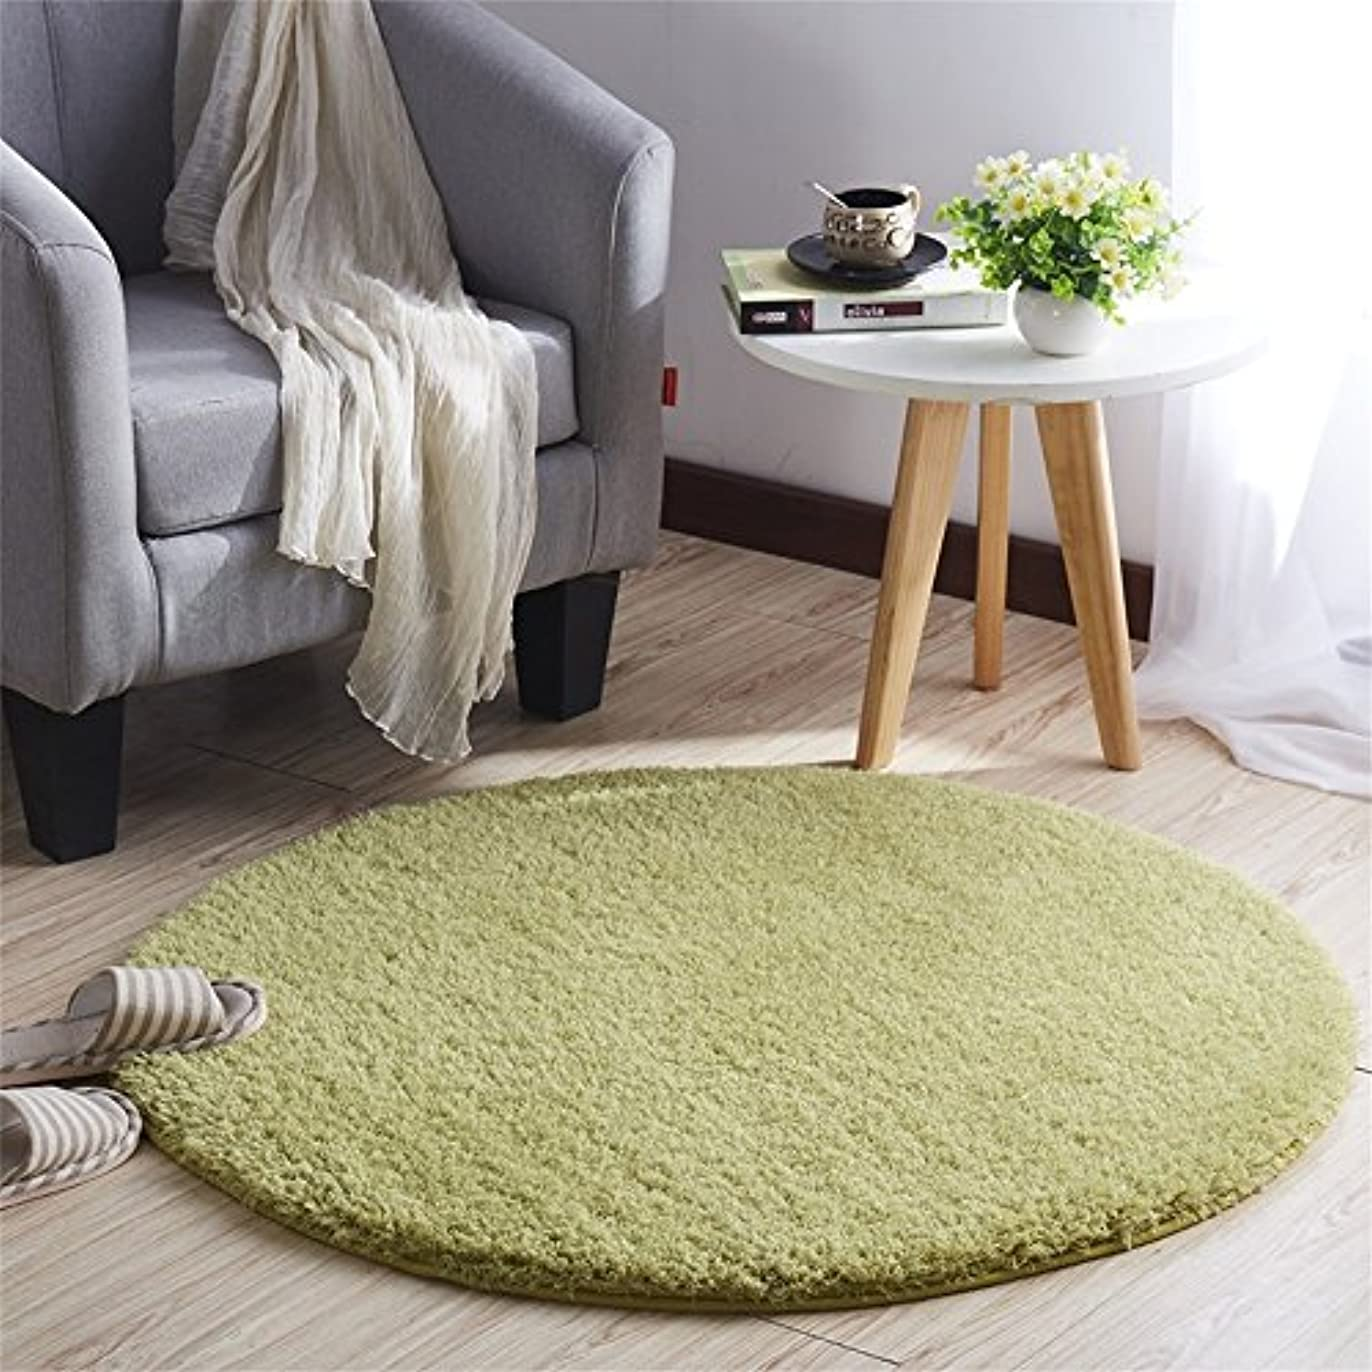 CLAXAM 一瞬だけでとろけそう~!ラブリーシャギーラグ 丸い絨毯 極上の繊細さと柔らかさ、サラサラな質感で、あなたの欠かせない家飾りの味方 (80cm, グラスグリーン)